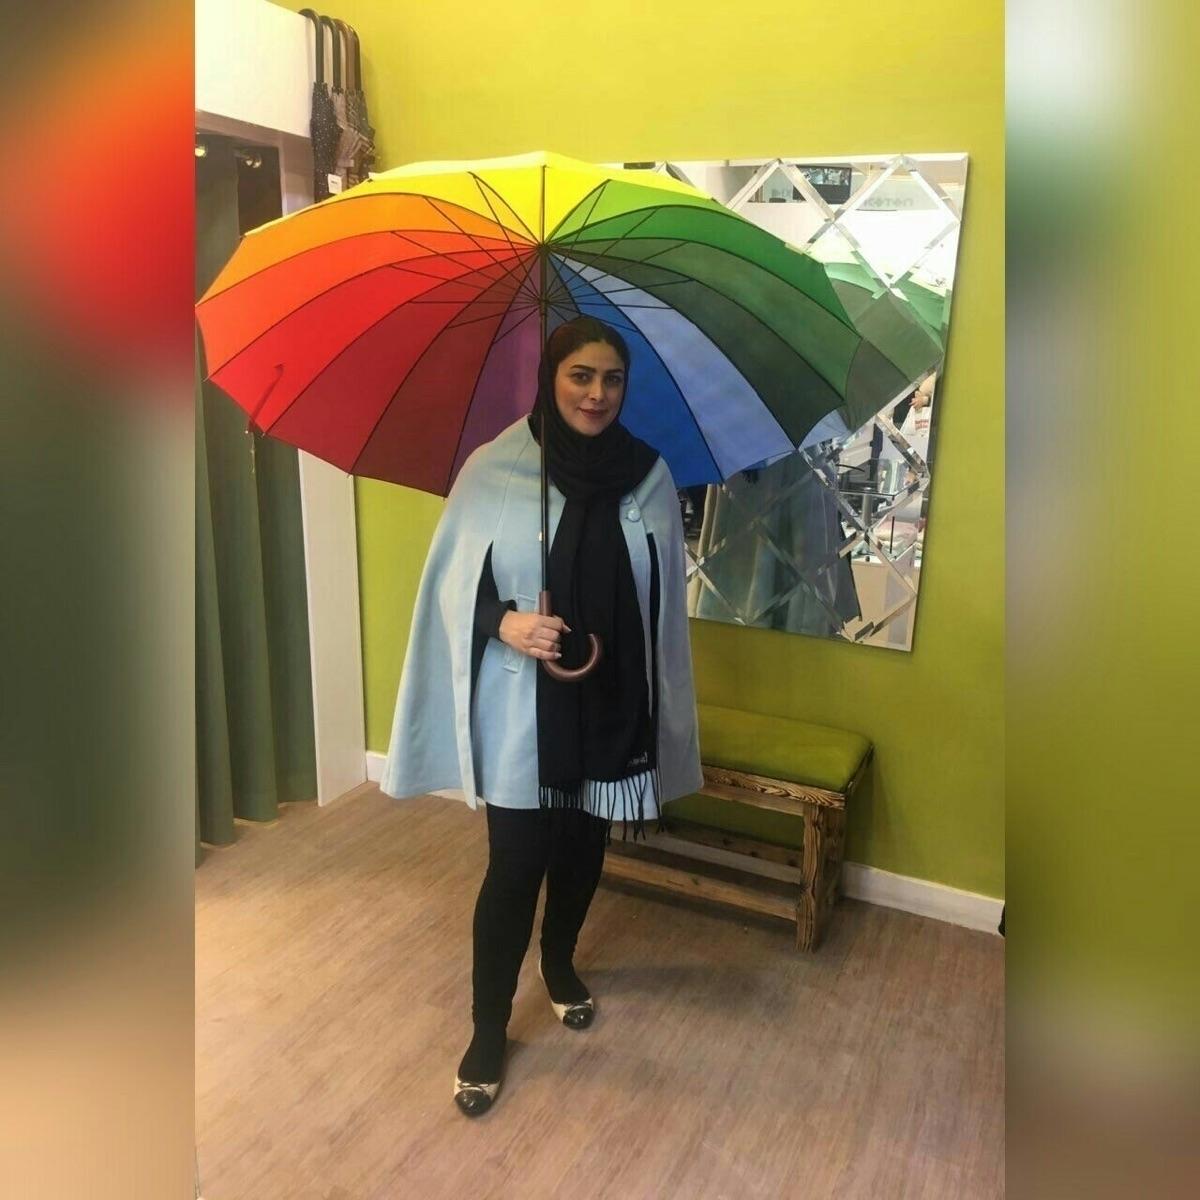 @solmaz_sani Cover Image